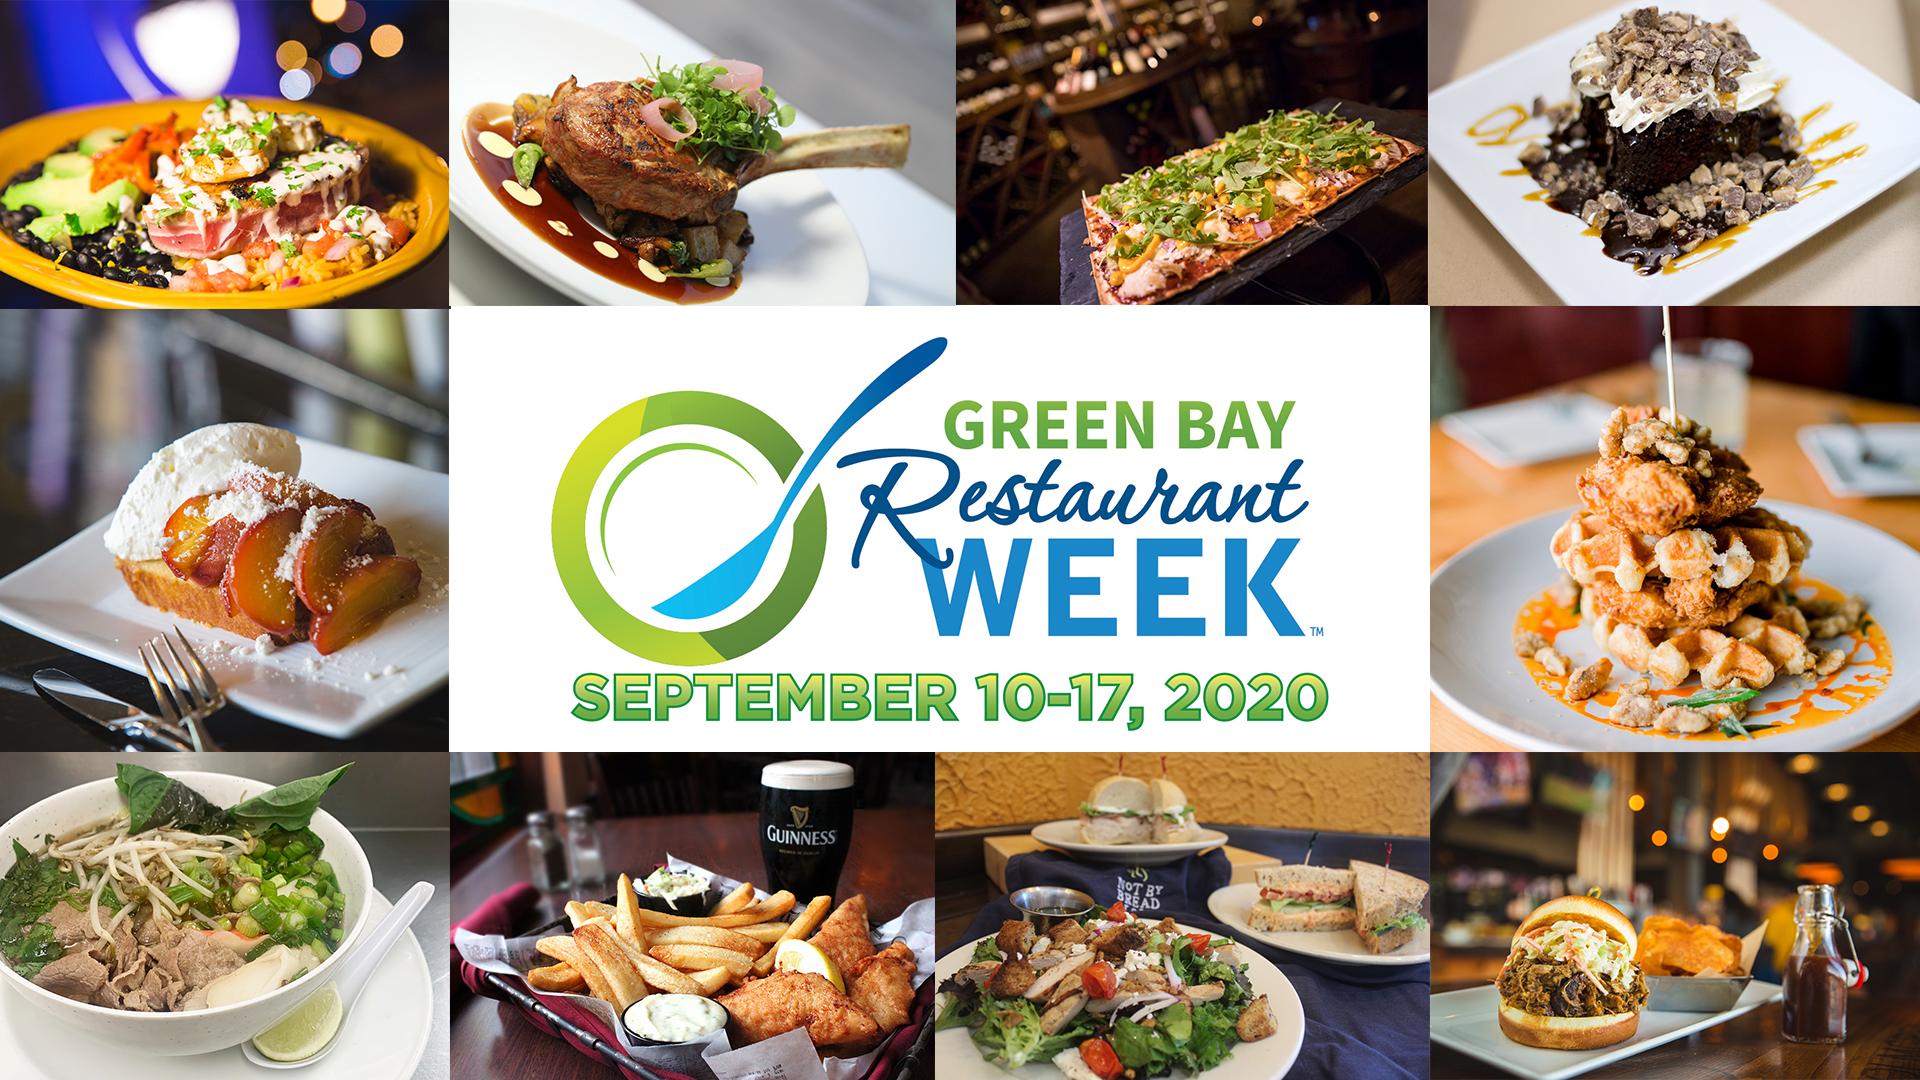 Green Bay Restaurant Week Returns September 10-17, 2020